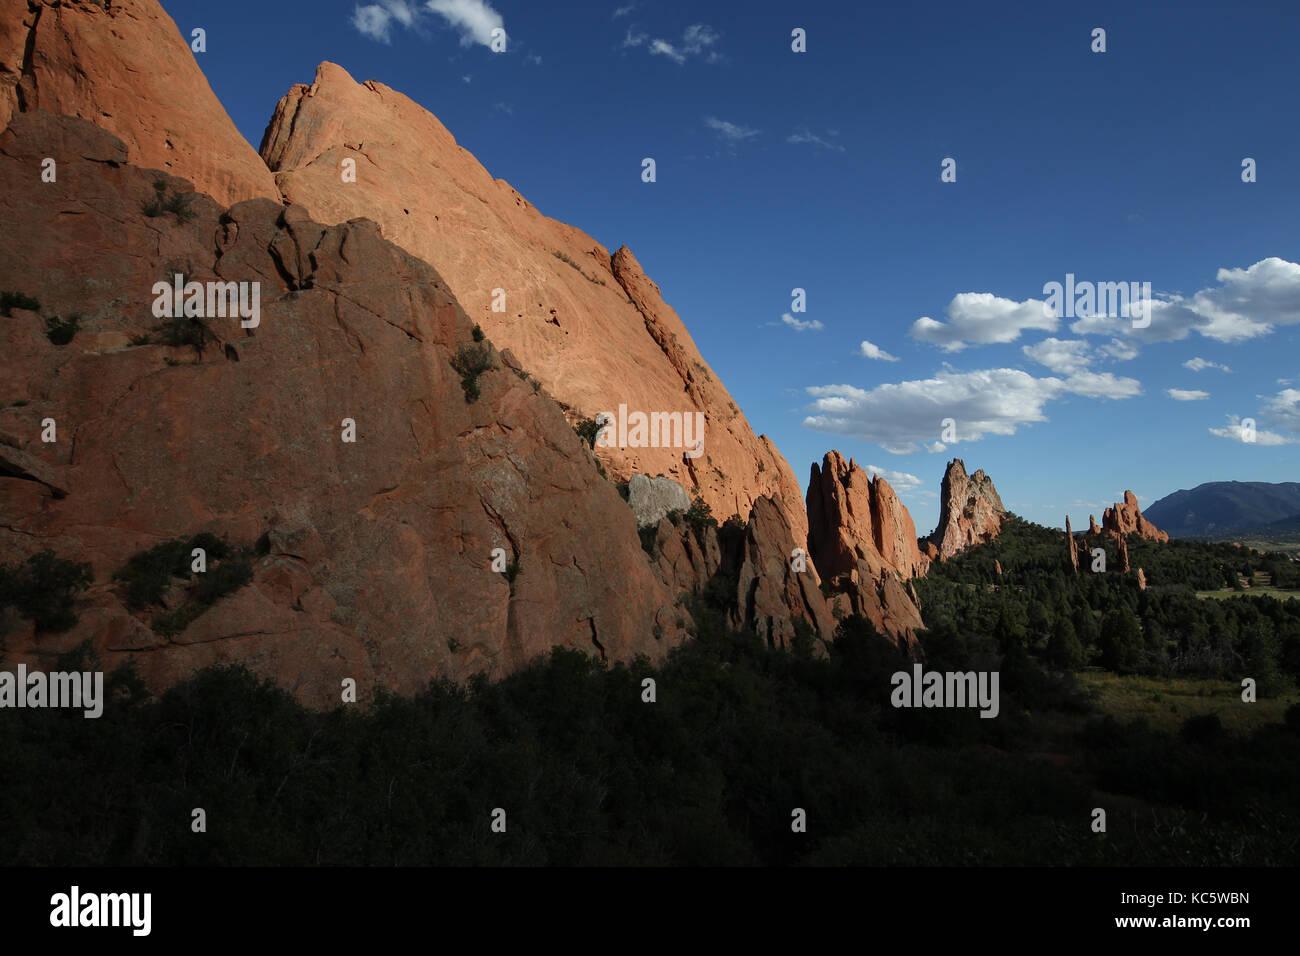 Garden of the Gods, a national landmark and a city park in Colorado Springs, Colorado. - Stock Image